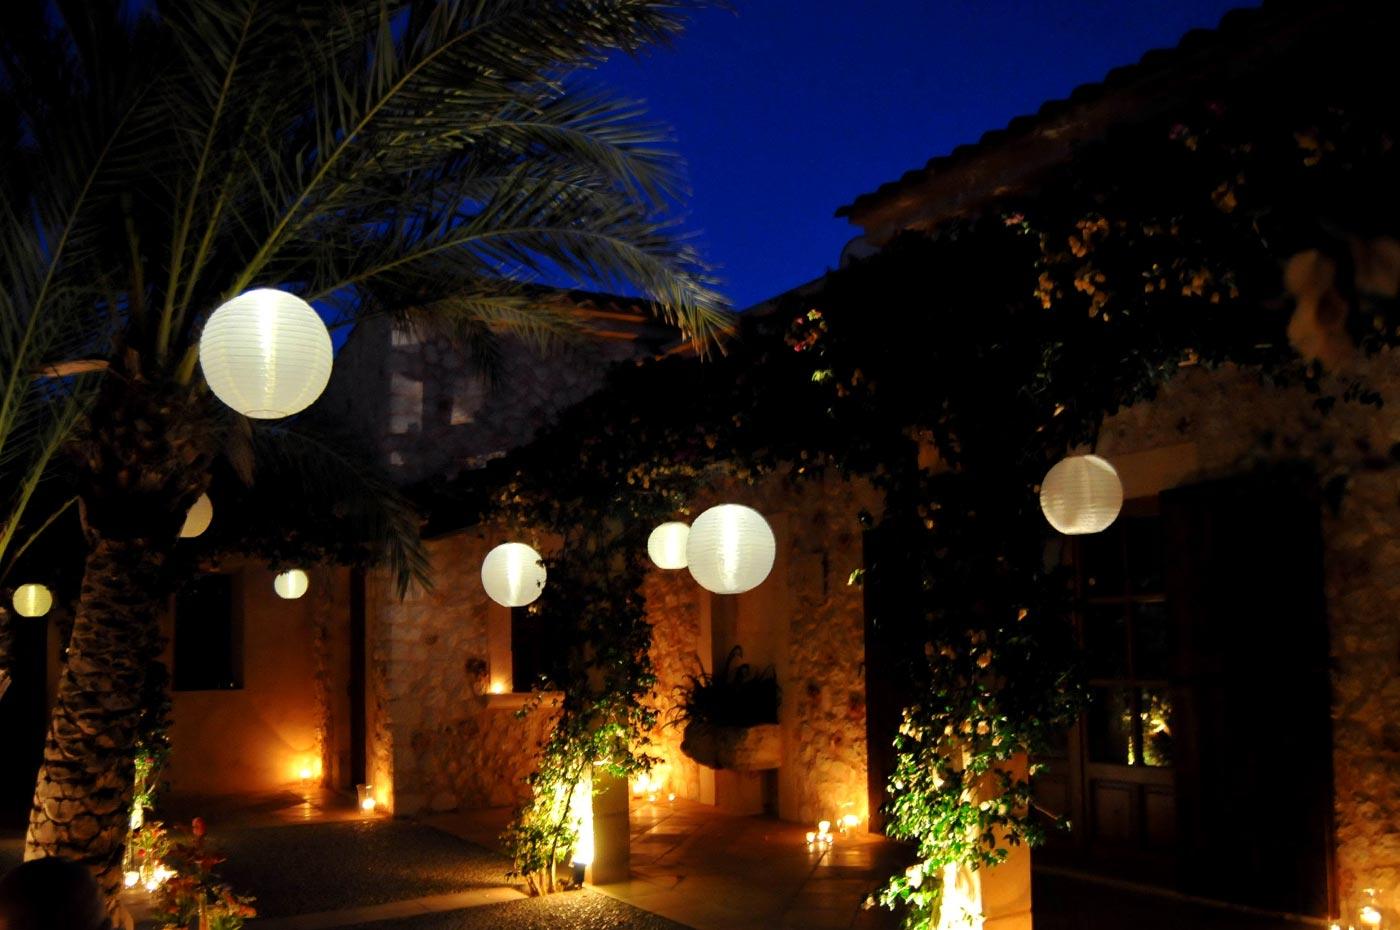 Der Innenhof mit Lampions und Kerzen bei Nacht.